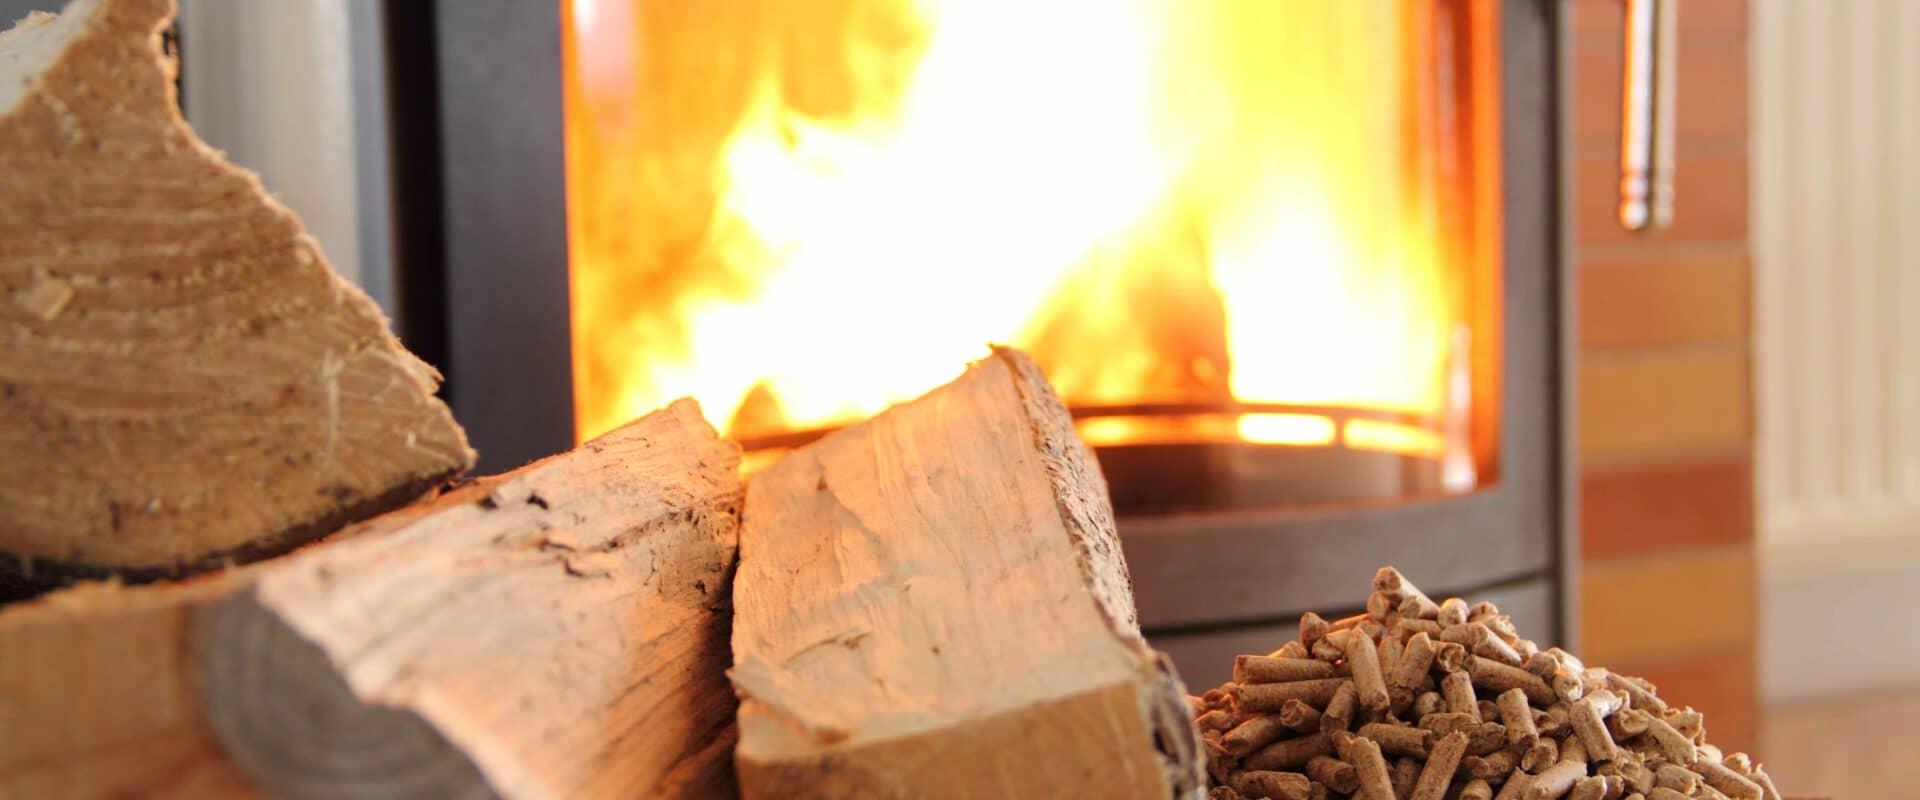 Erneuerbare Energie: Holzofen mit Pellets und Holscheite